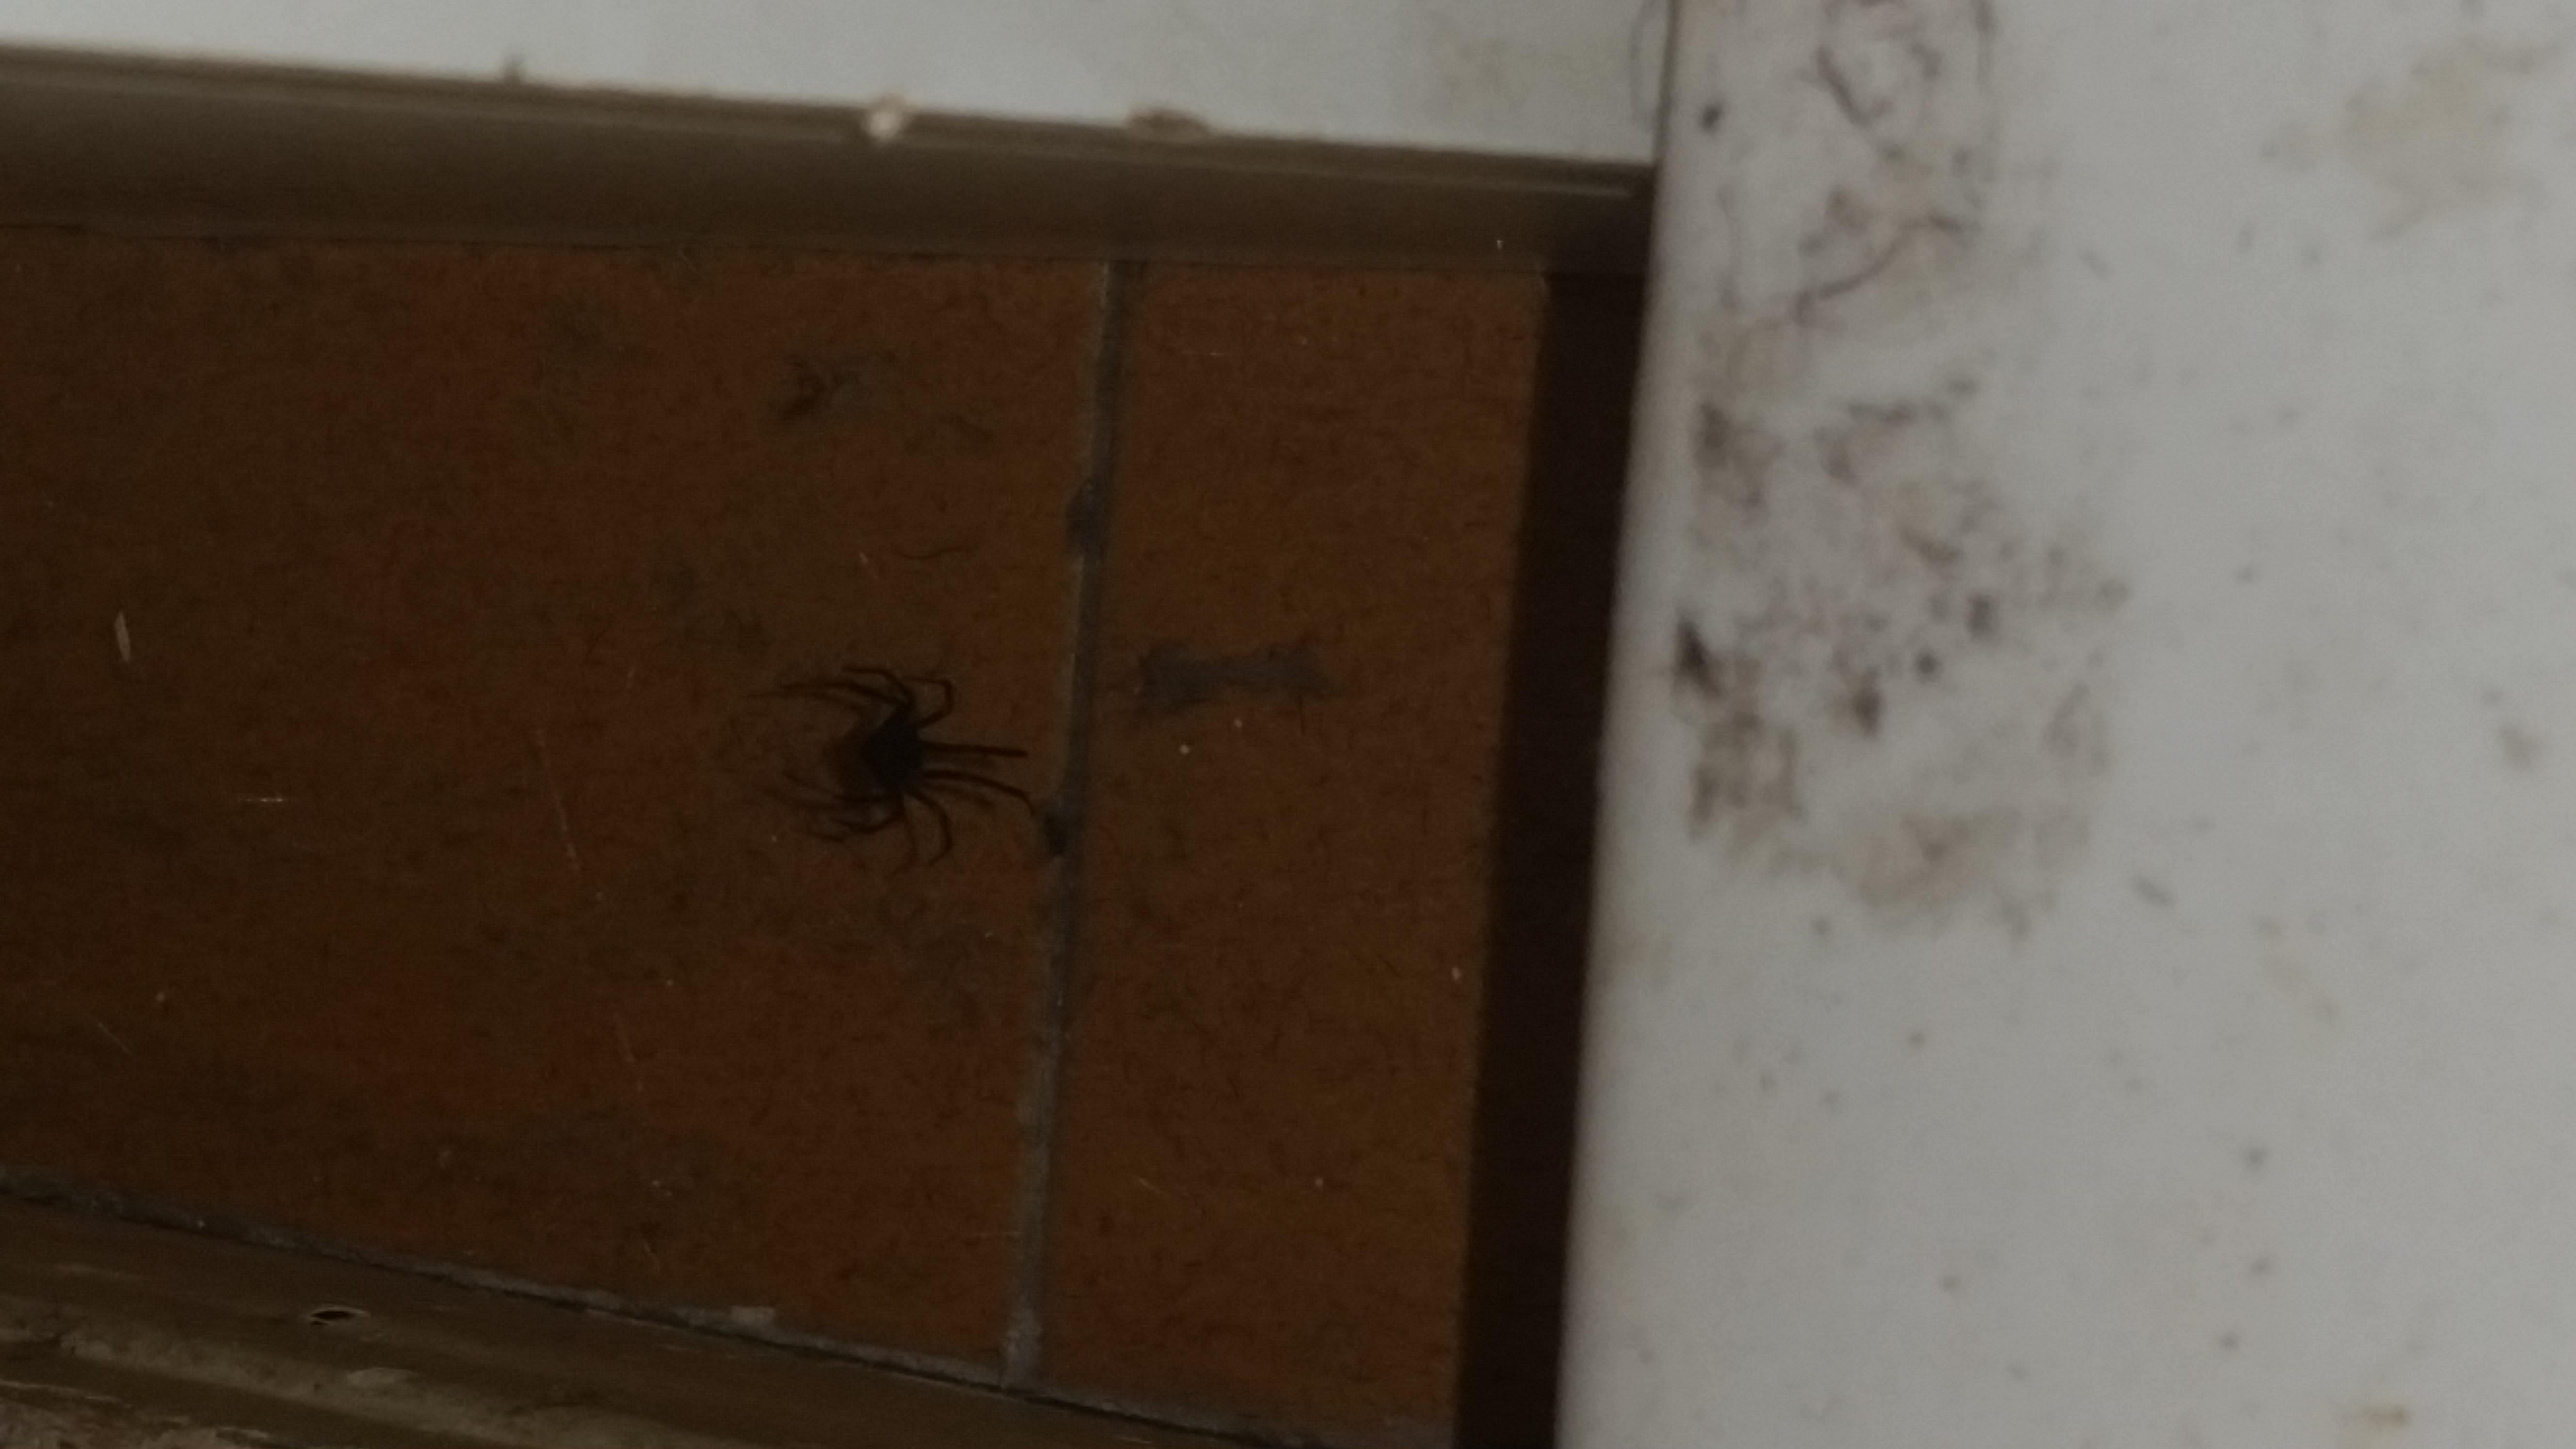 Y a une araign e toute mignonne dans ma chambre sur le forum blabla 18 25 ans 16 11 2016 04 29 - Une araignee dans la salle de bain ...